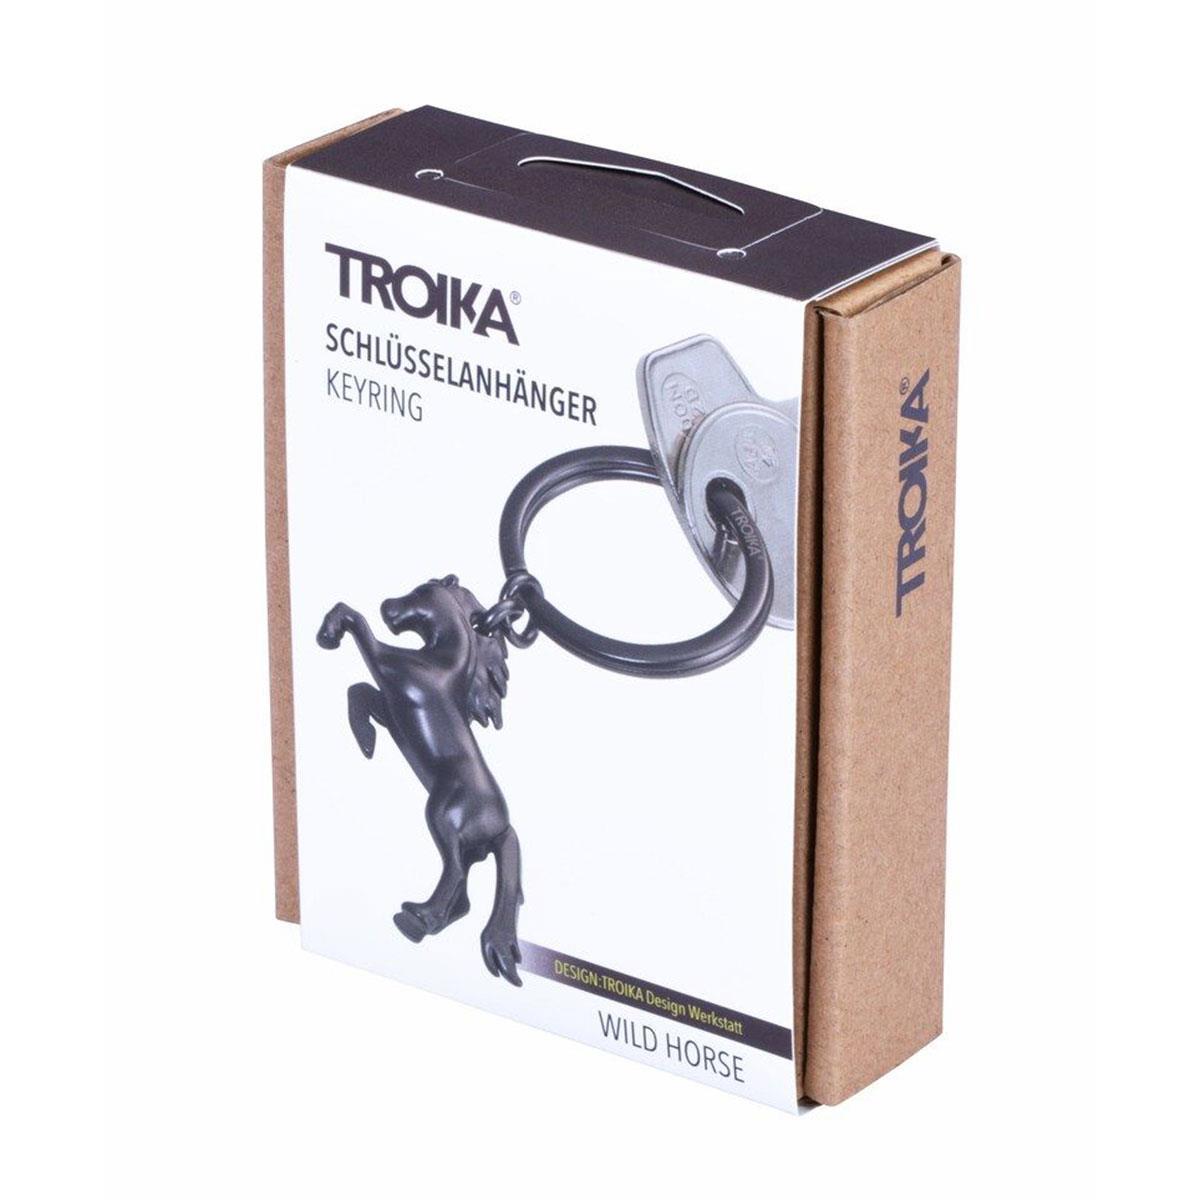 Troika μπρελόκ wild horse